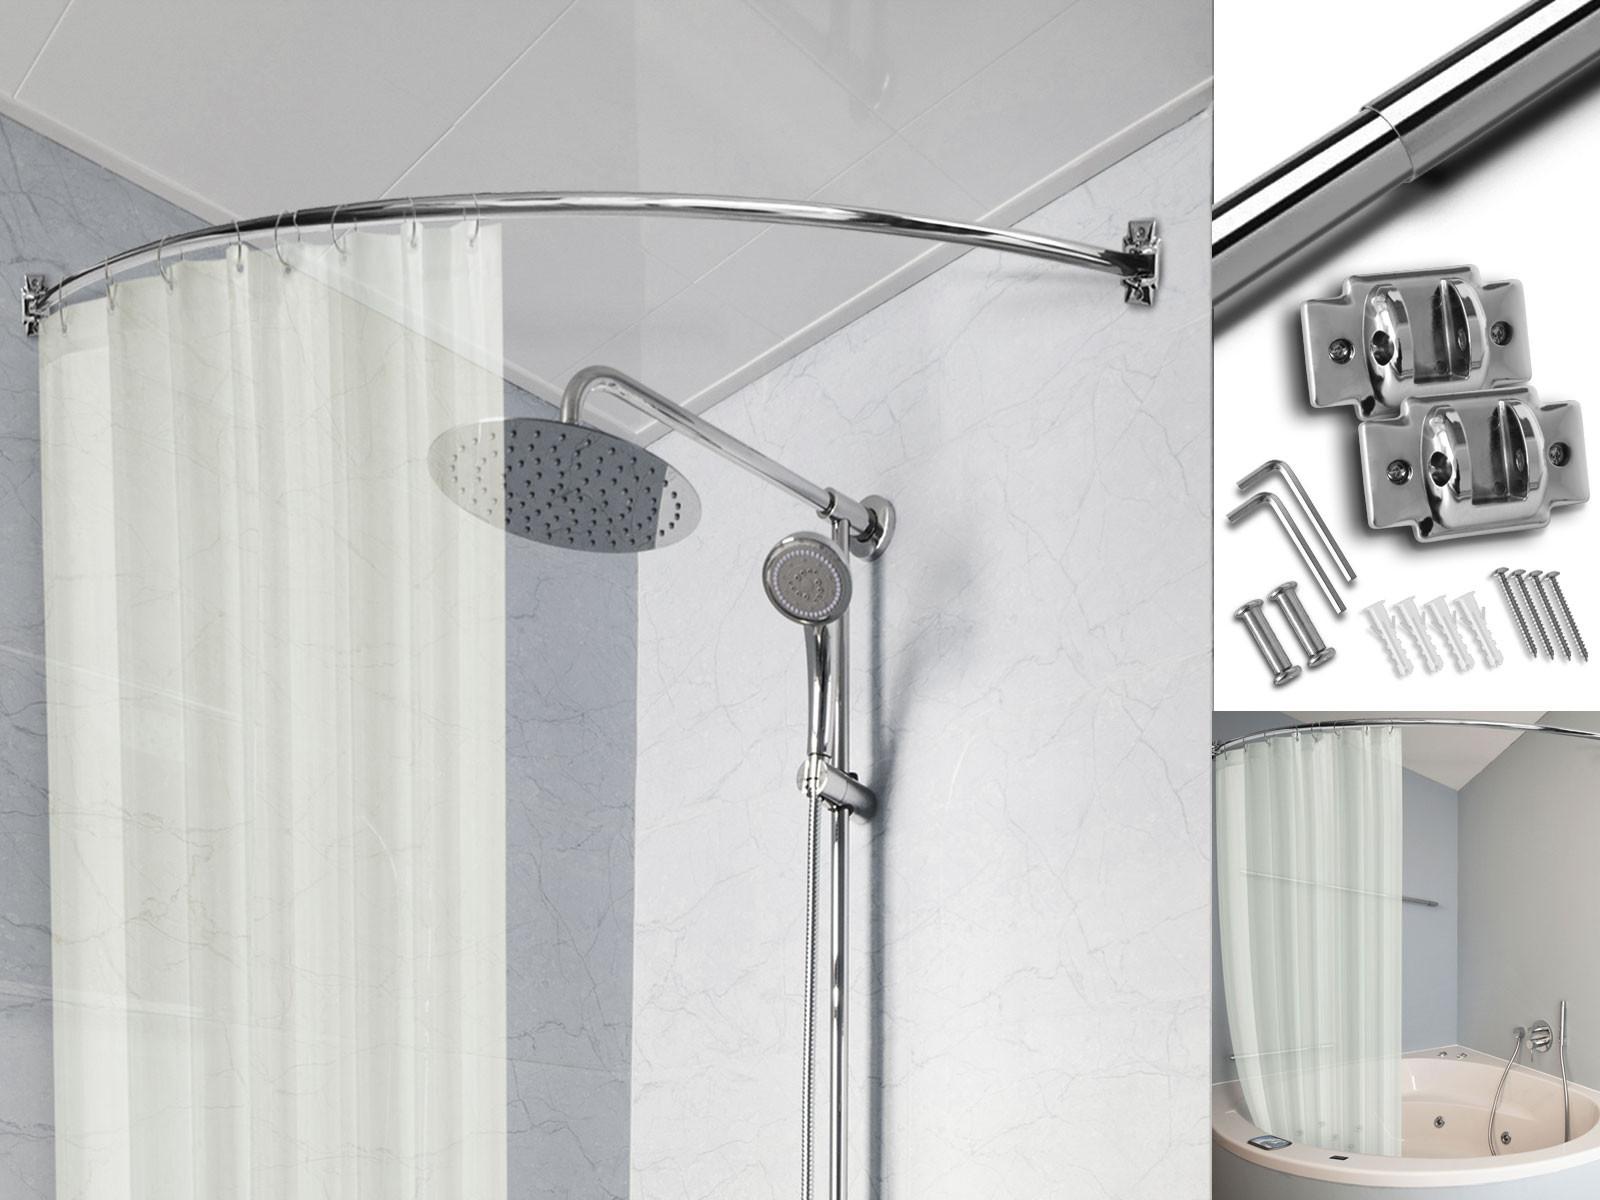 Duschvorhangstange   Gebogen   Weiß oder verchromt   Floordirekt.de